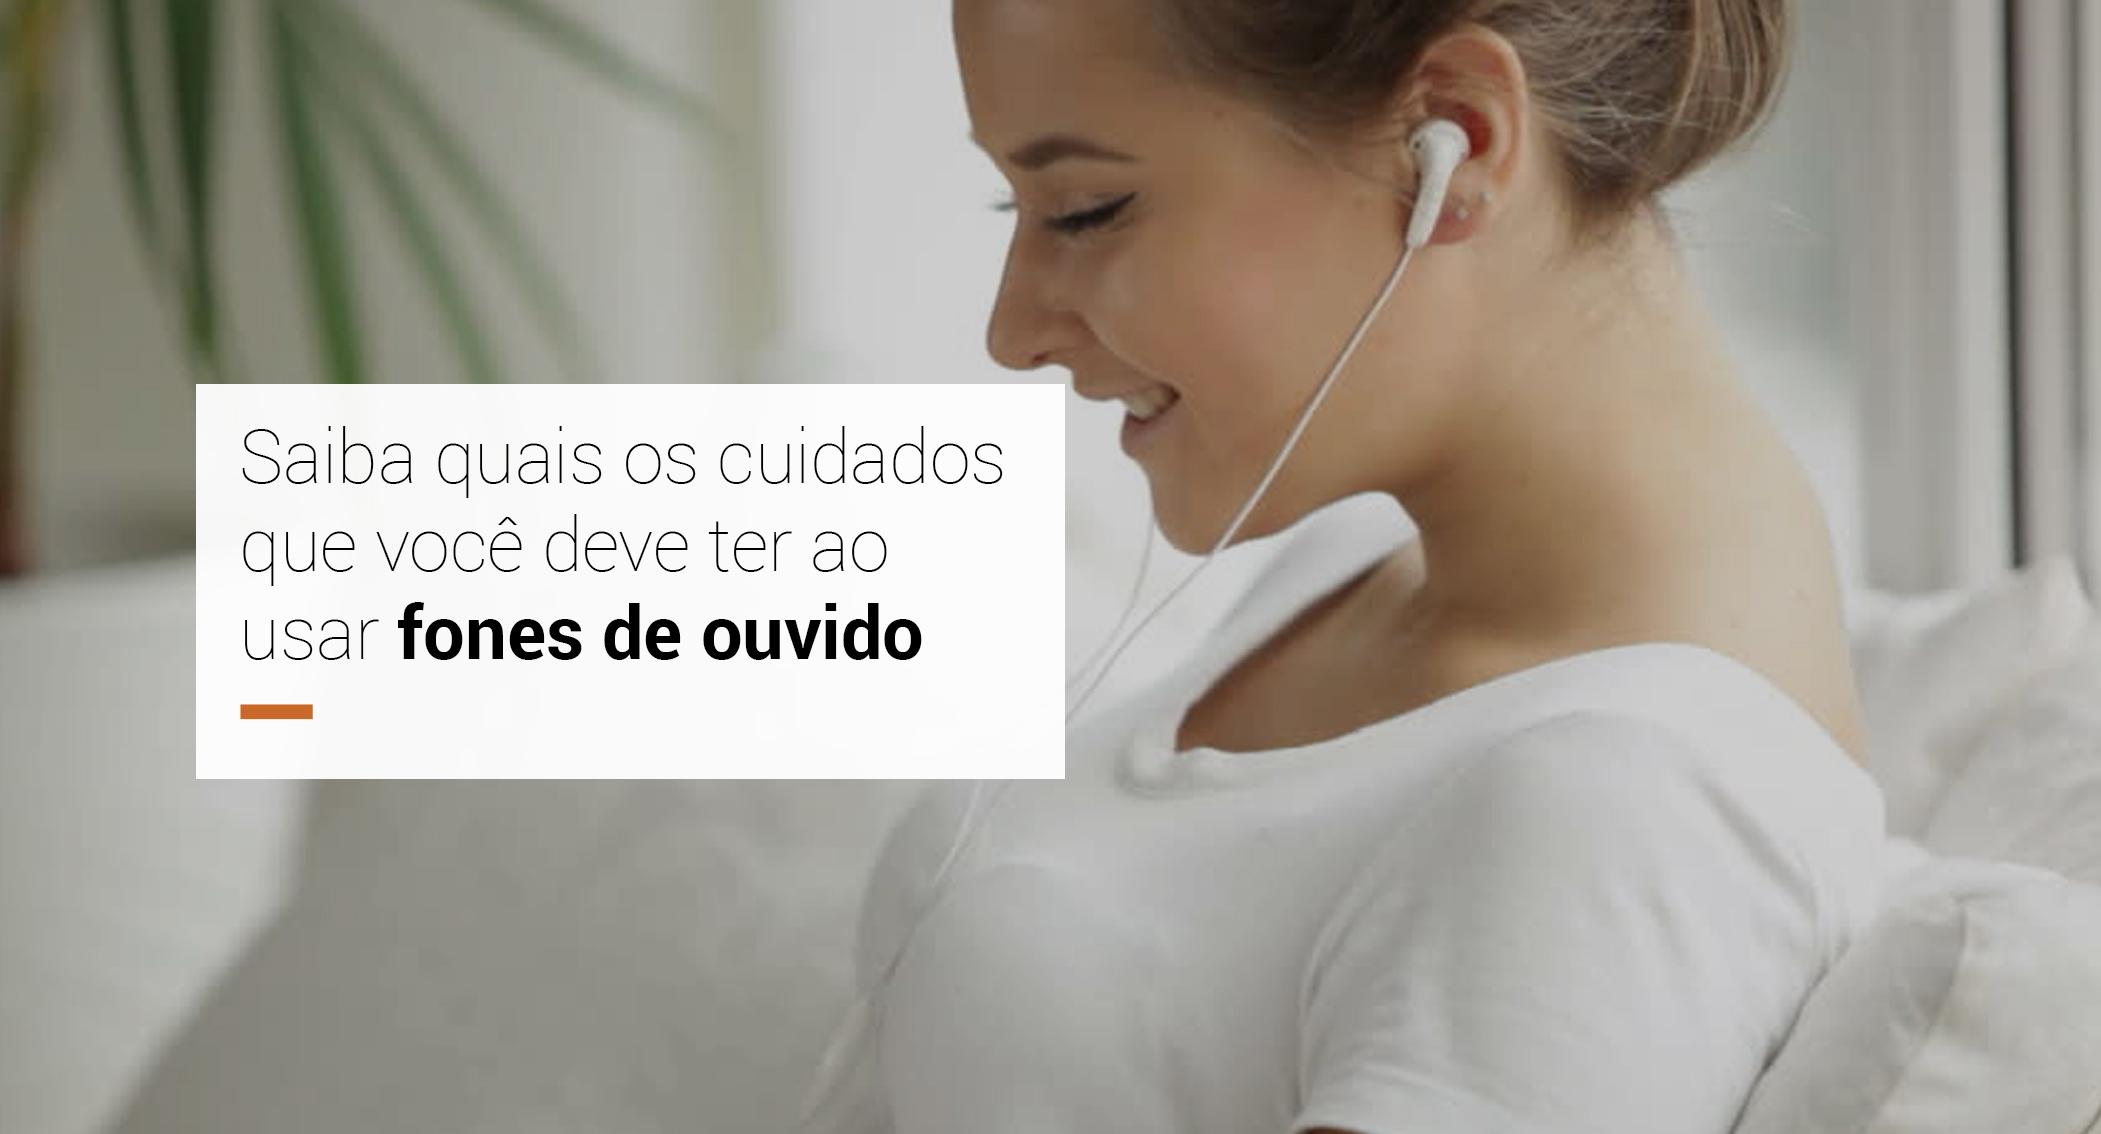 Saiba os cuidados que você deve ter ao usar fones de ouvido